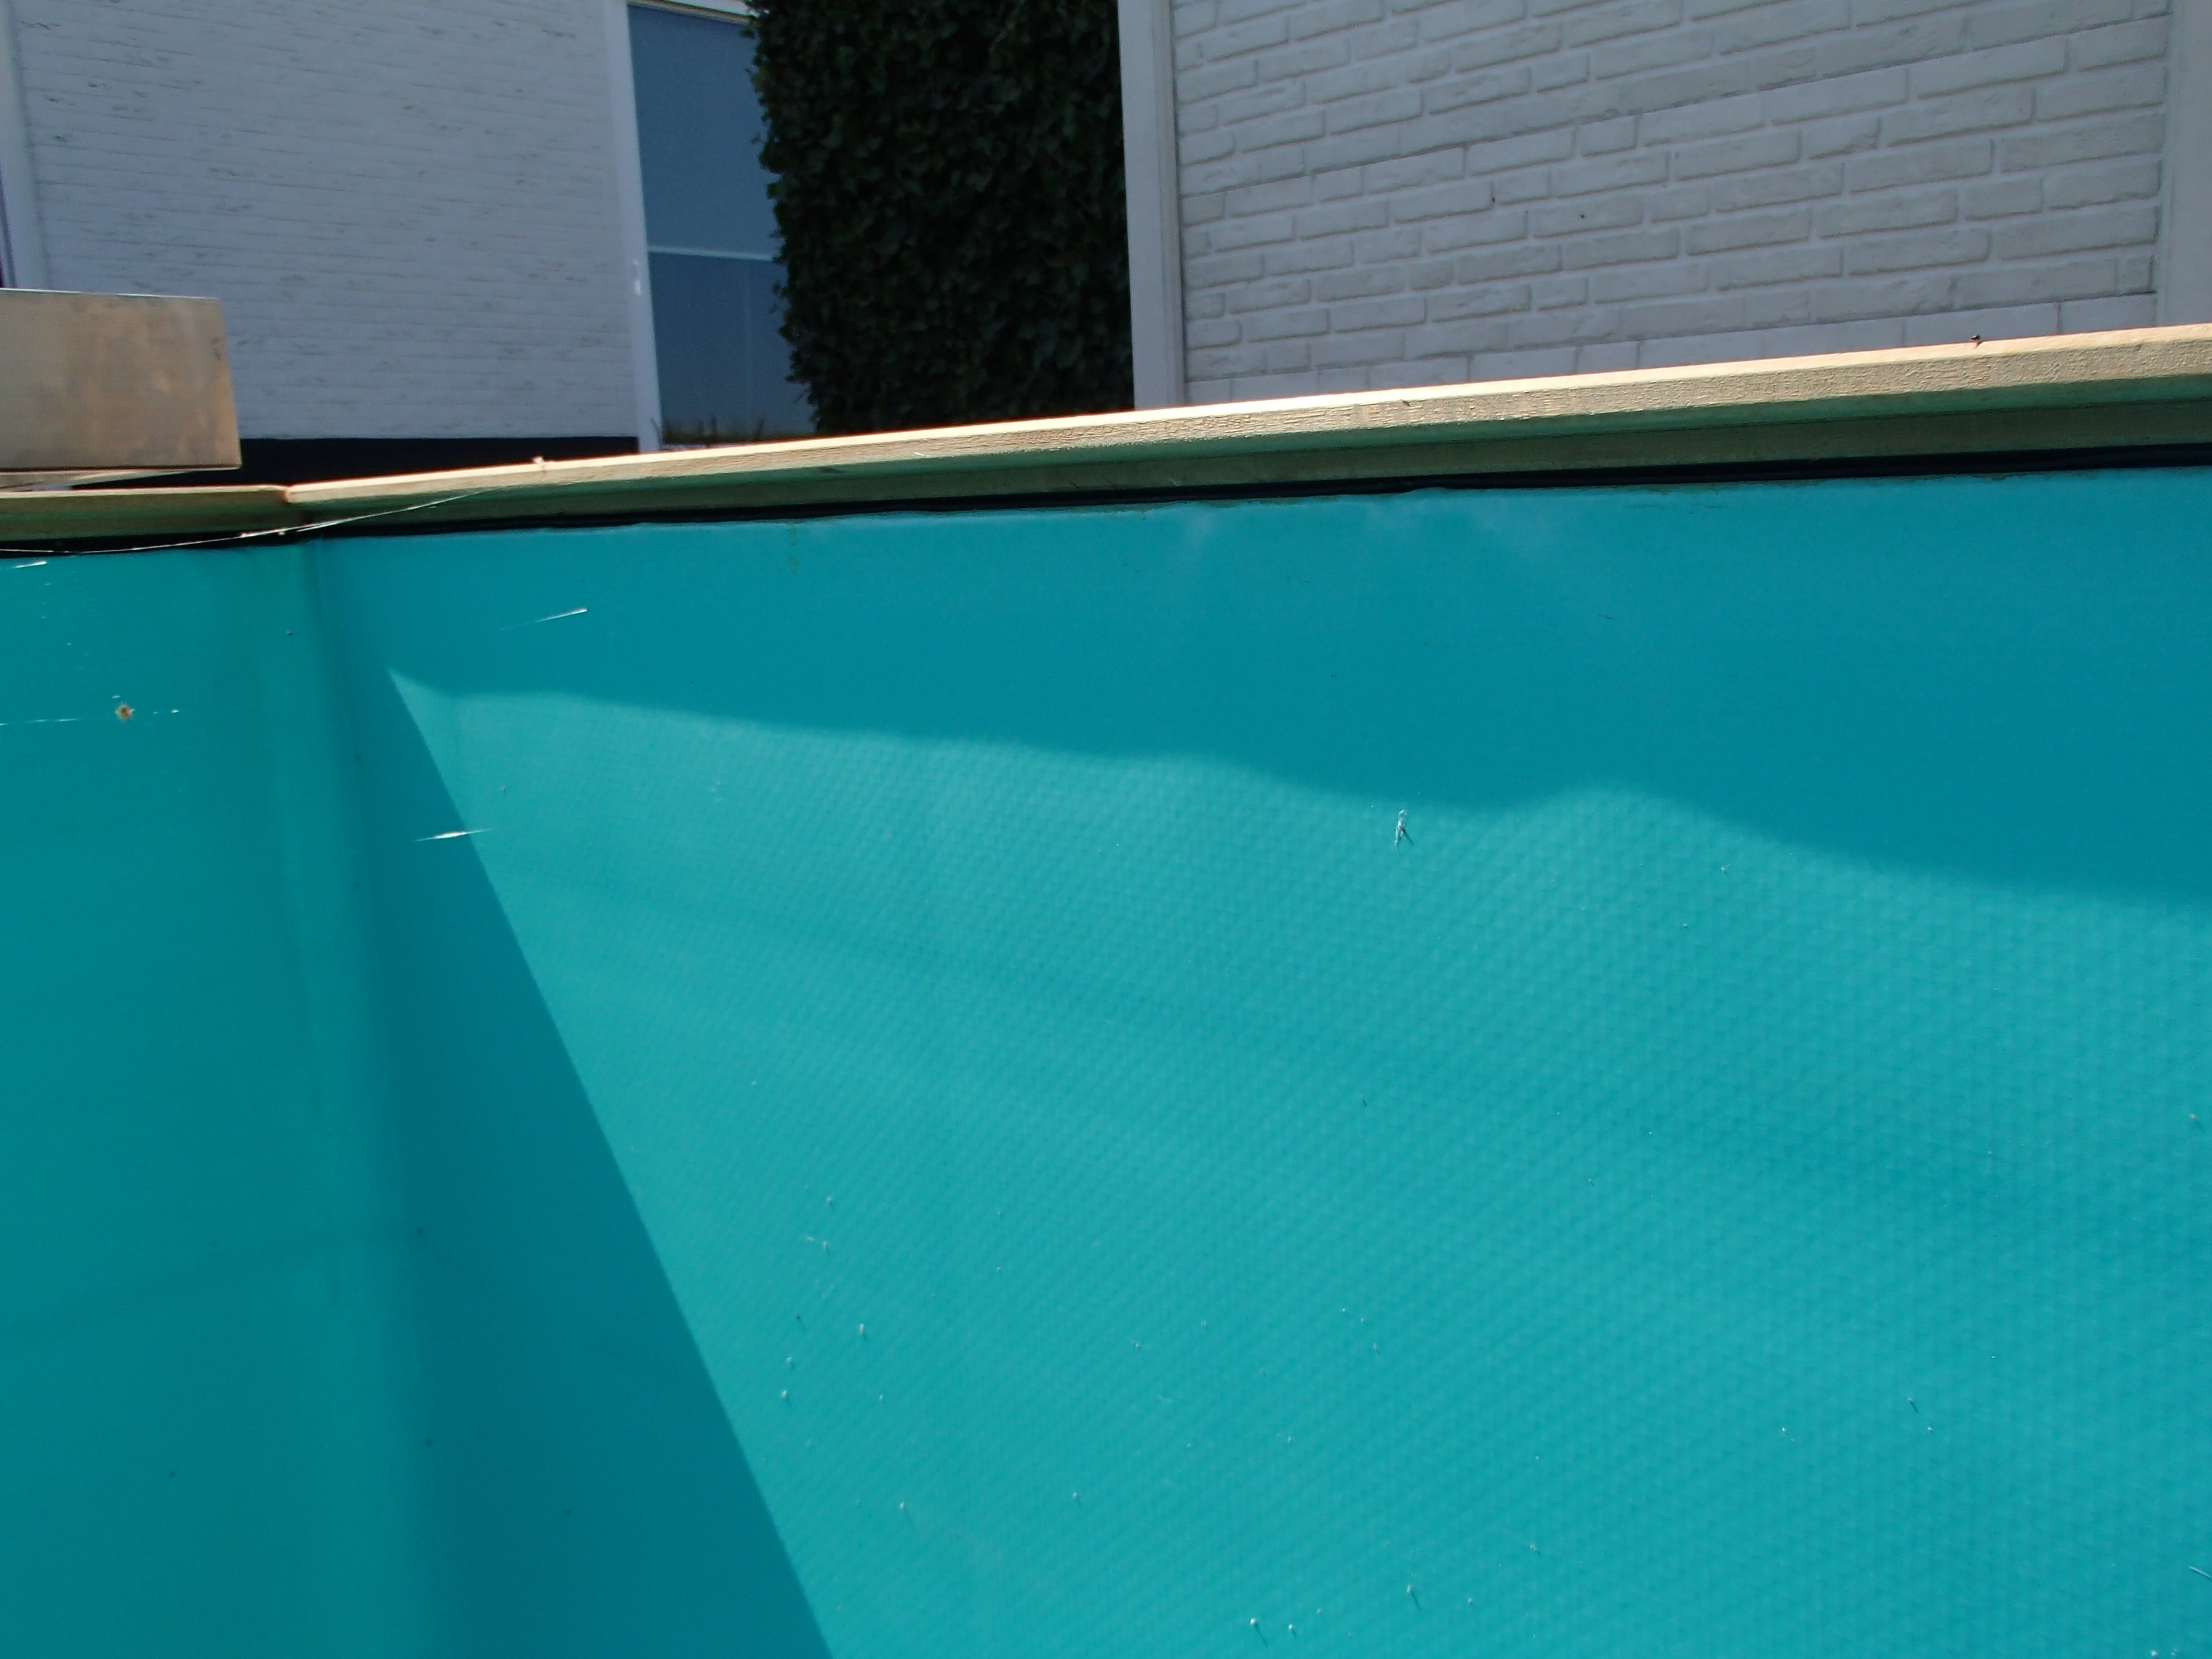 zwembadfolie Groen lassen 3